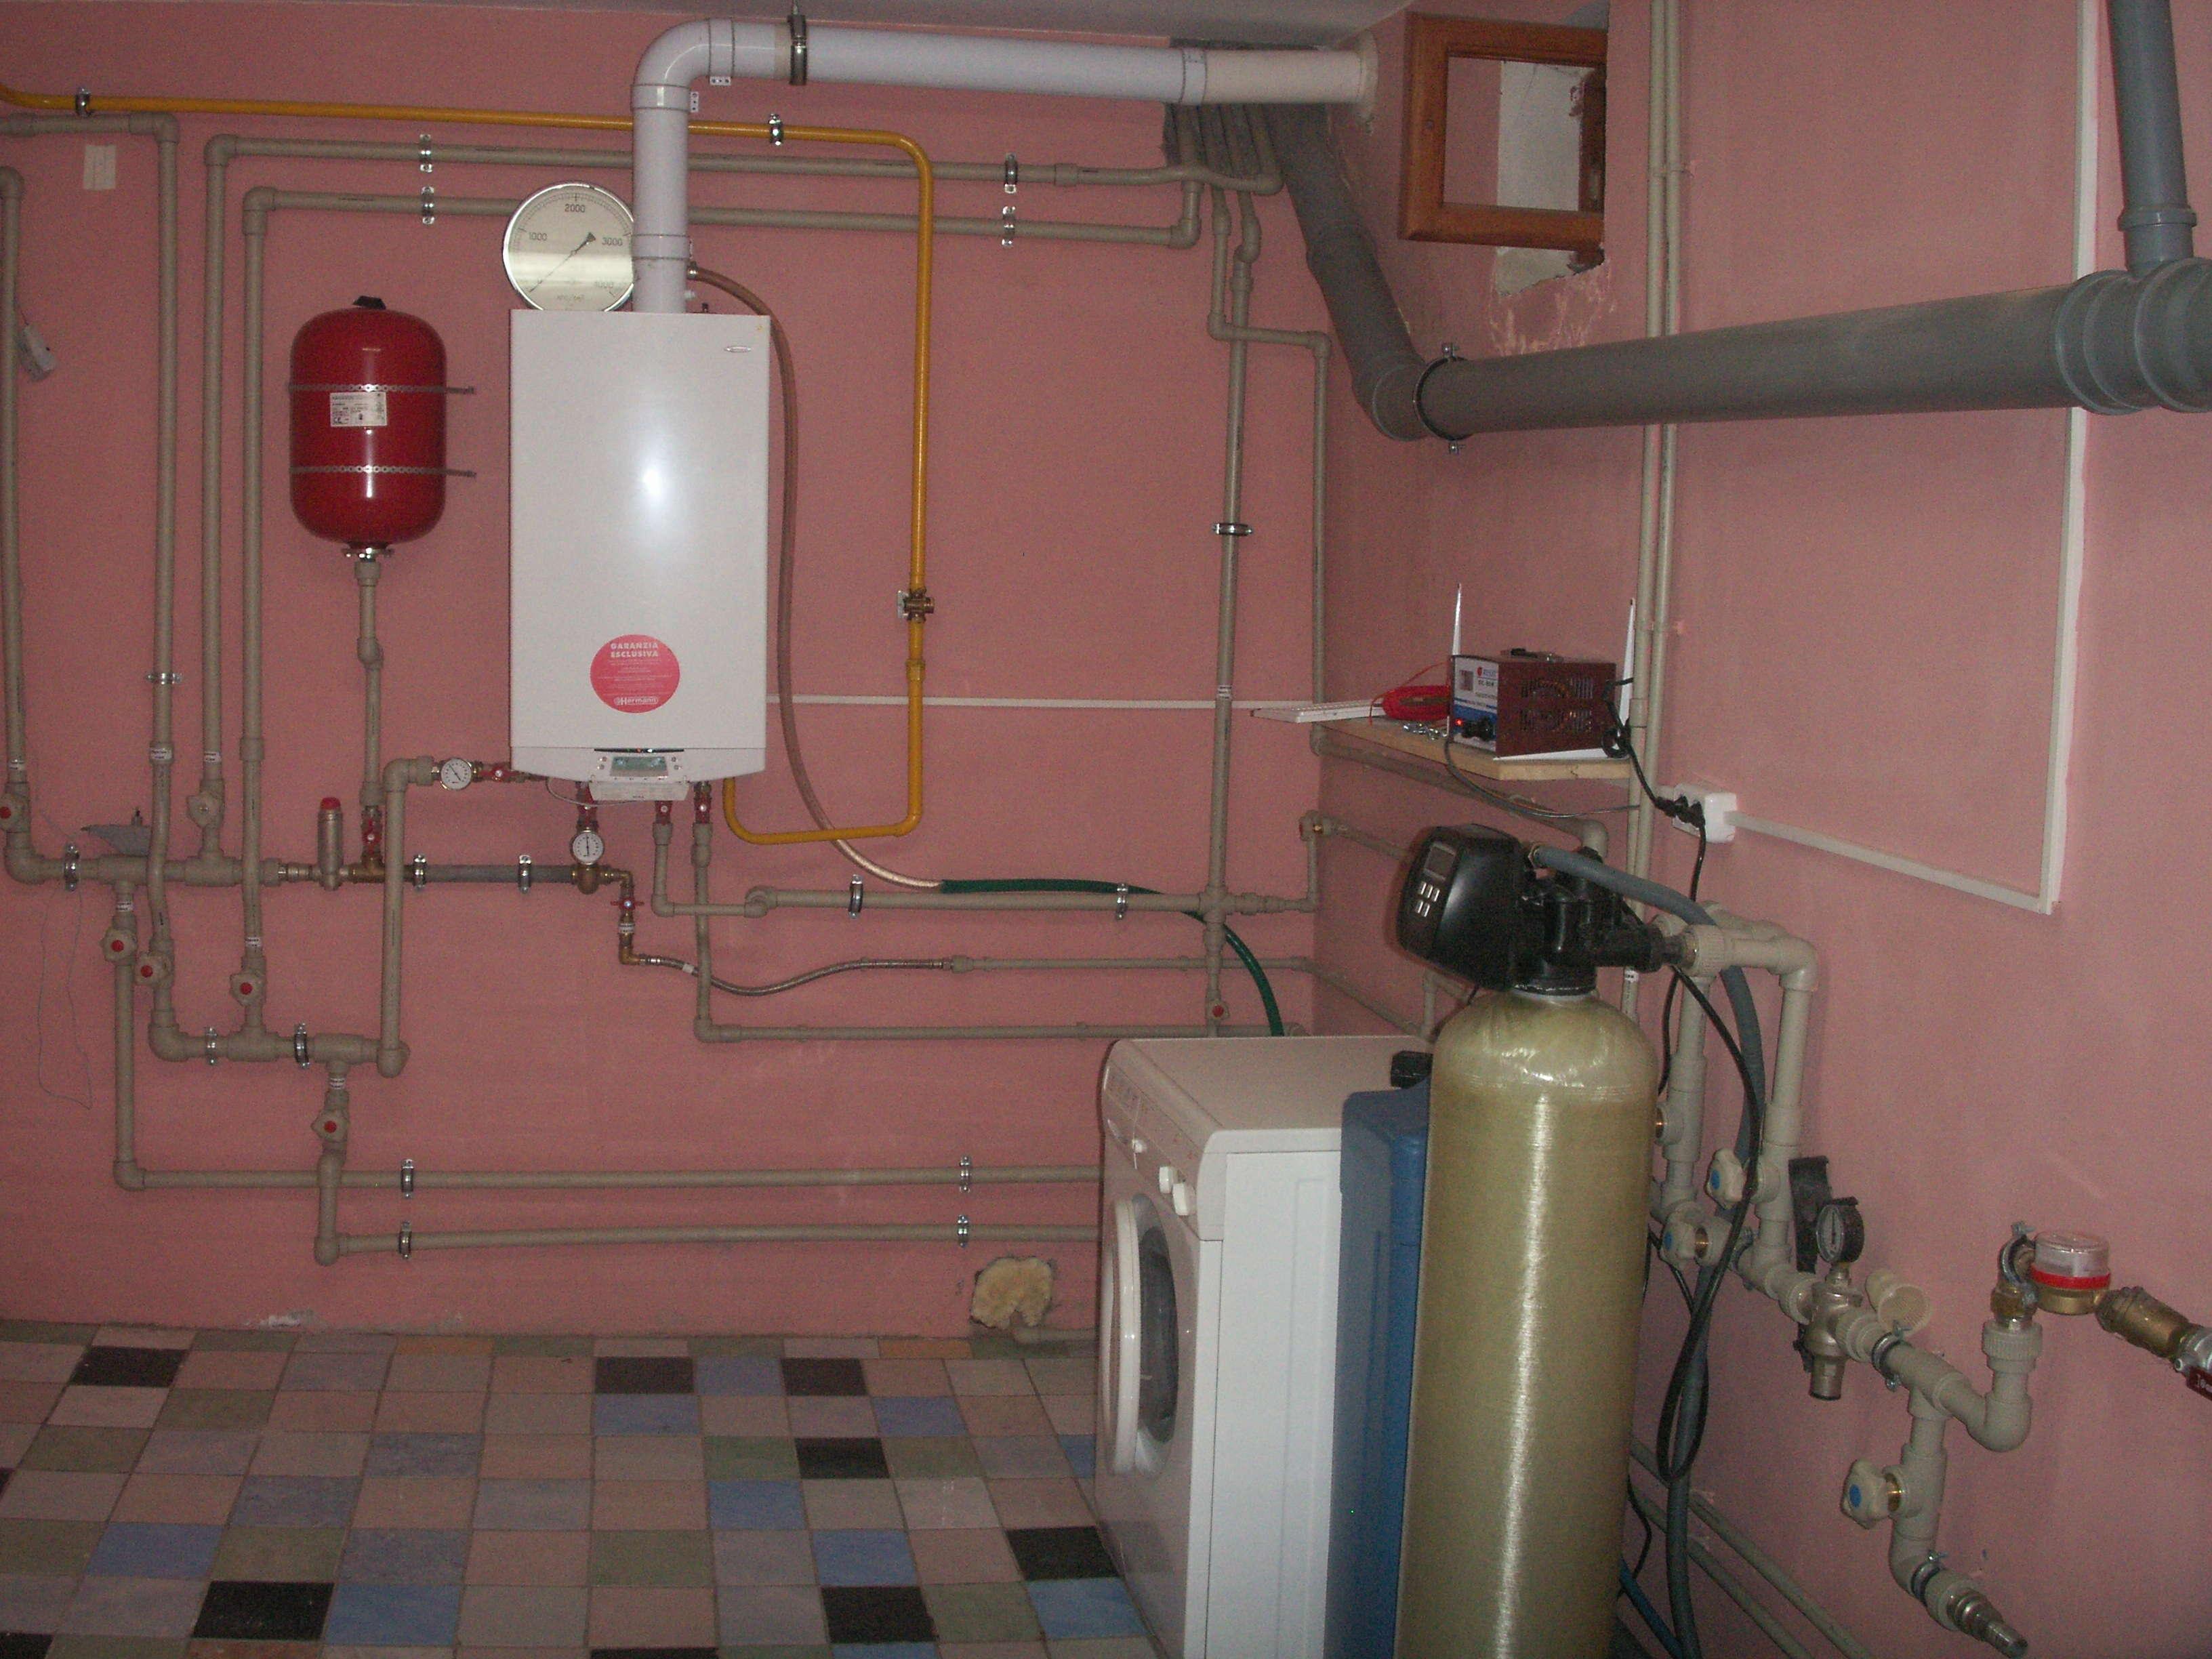 Как скрыть газовую трубу на кухне фото - 1e